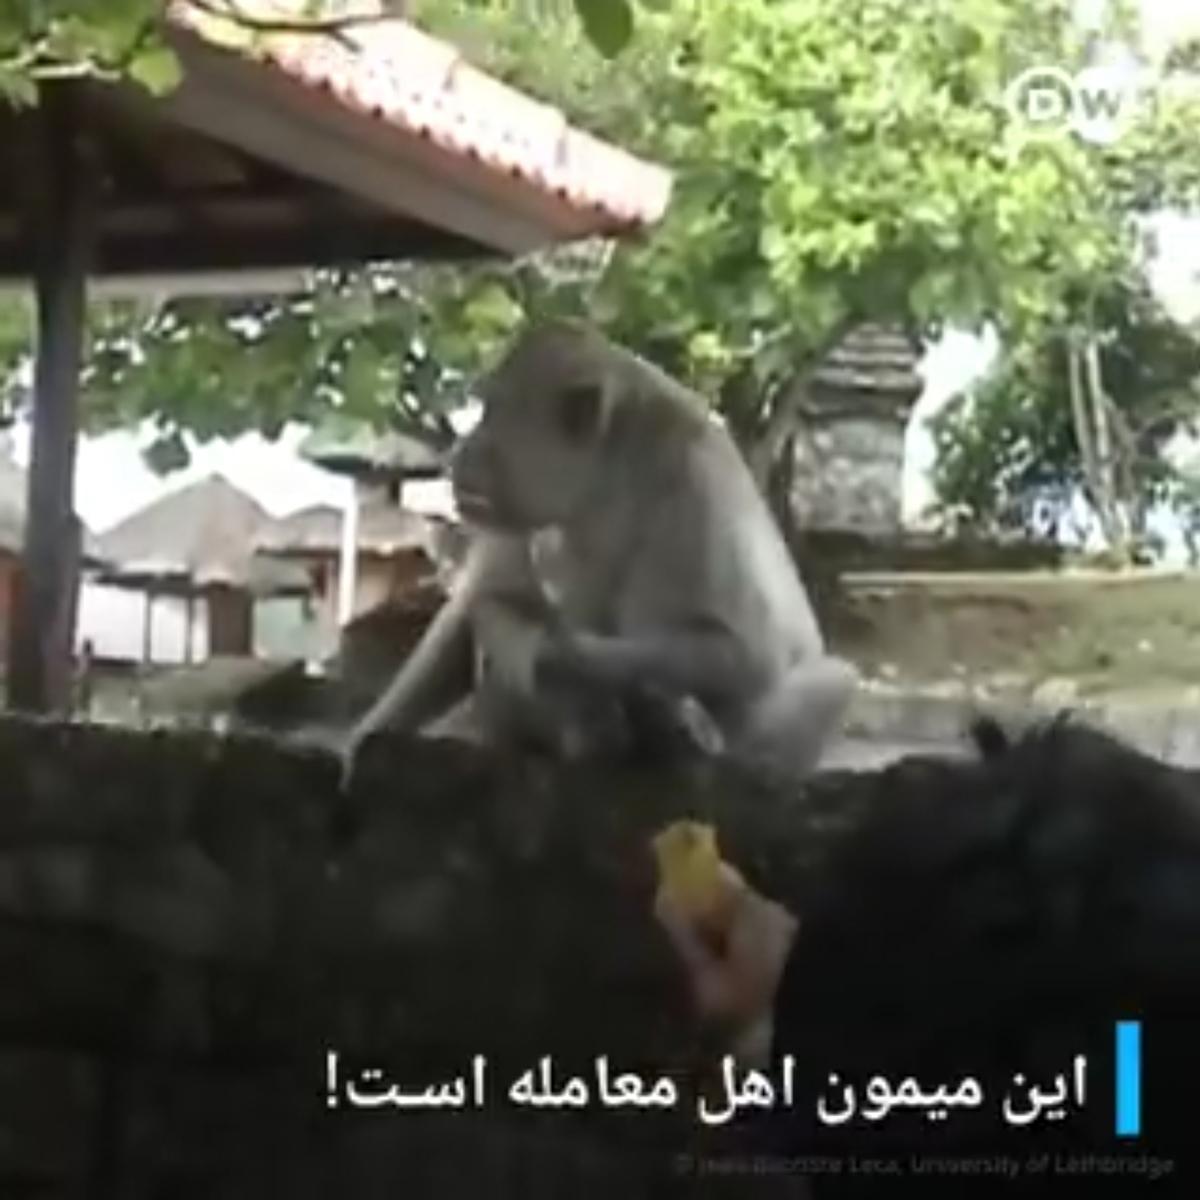 وقتشه میمونها هم صاحبکار بشن + ویدئو